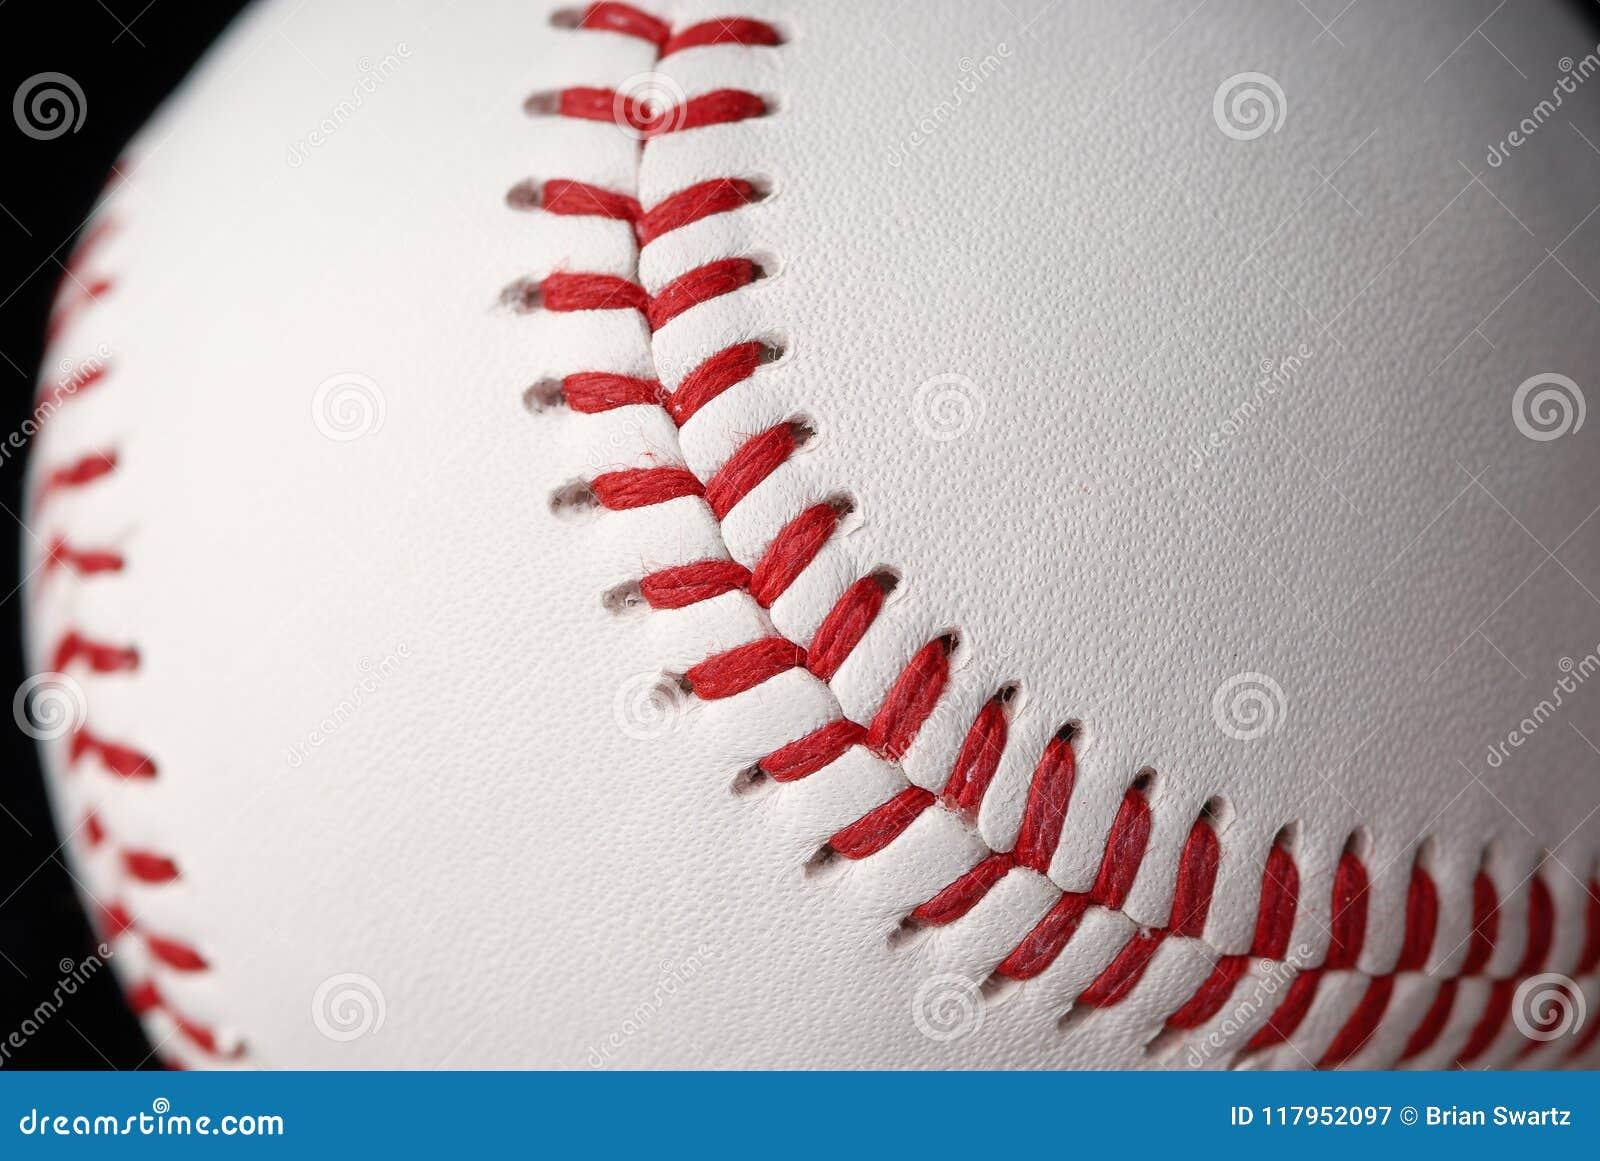 Baseball Art 7012